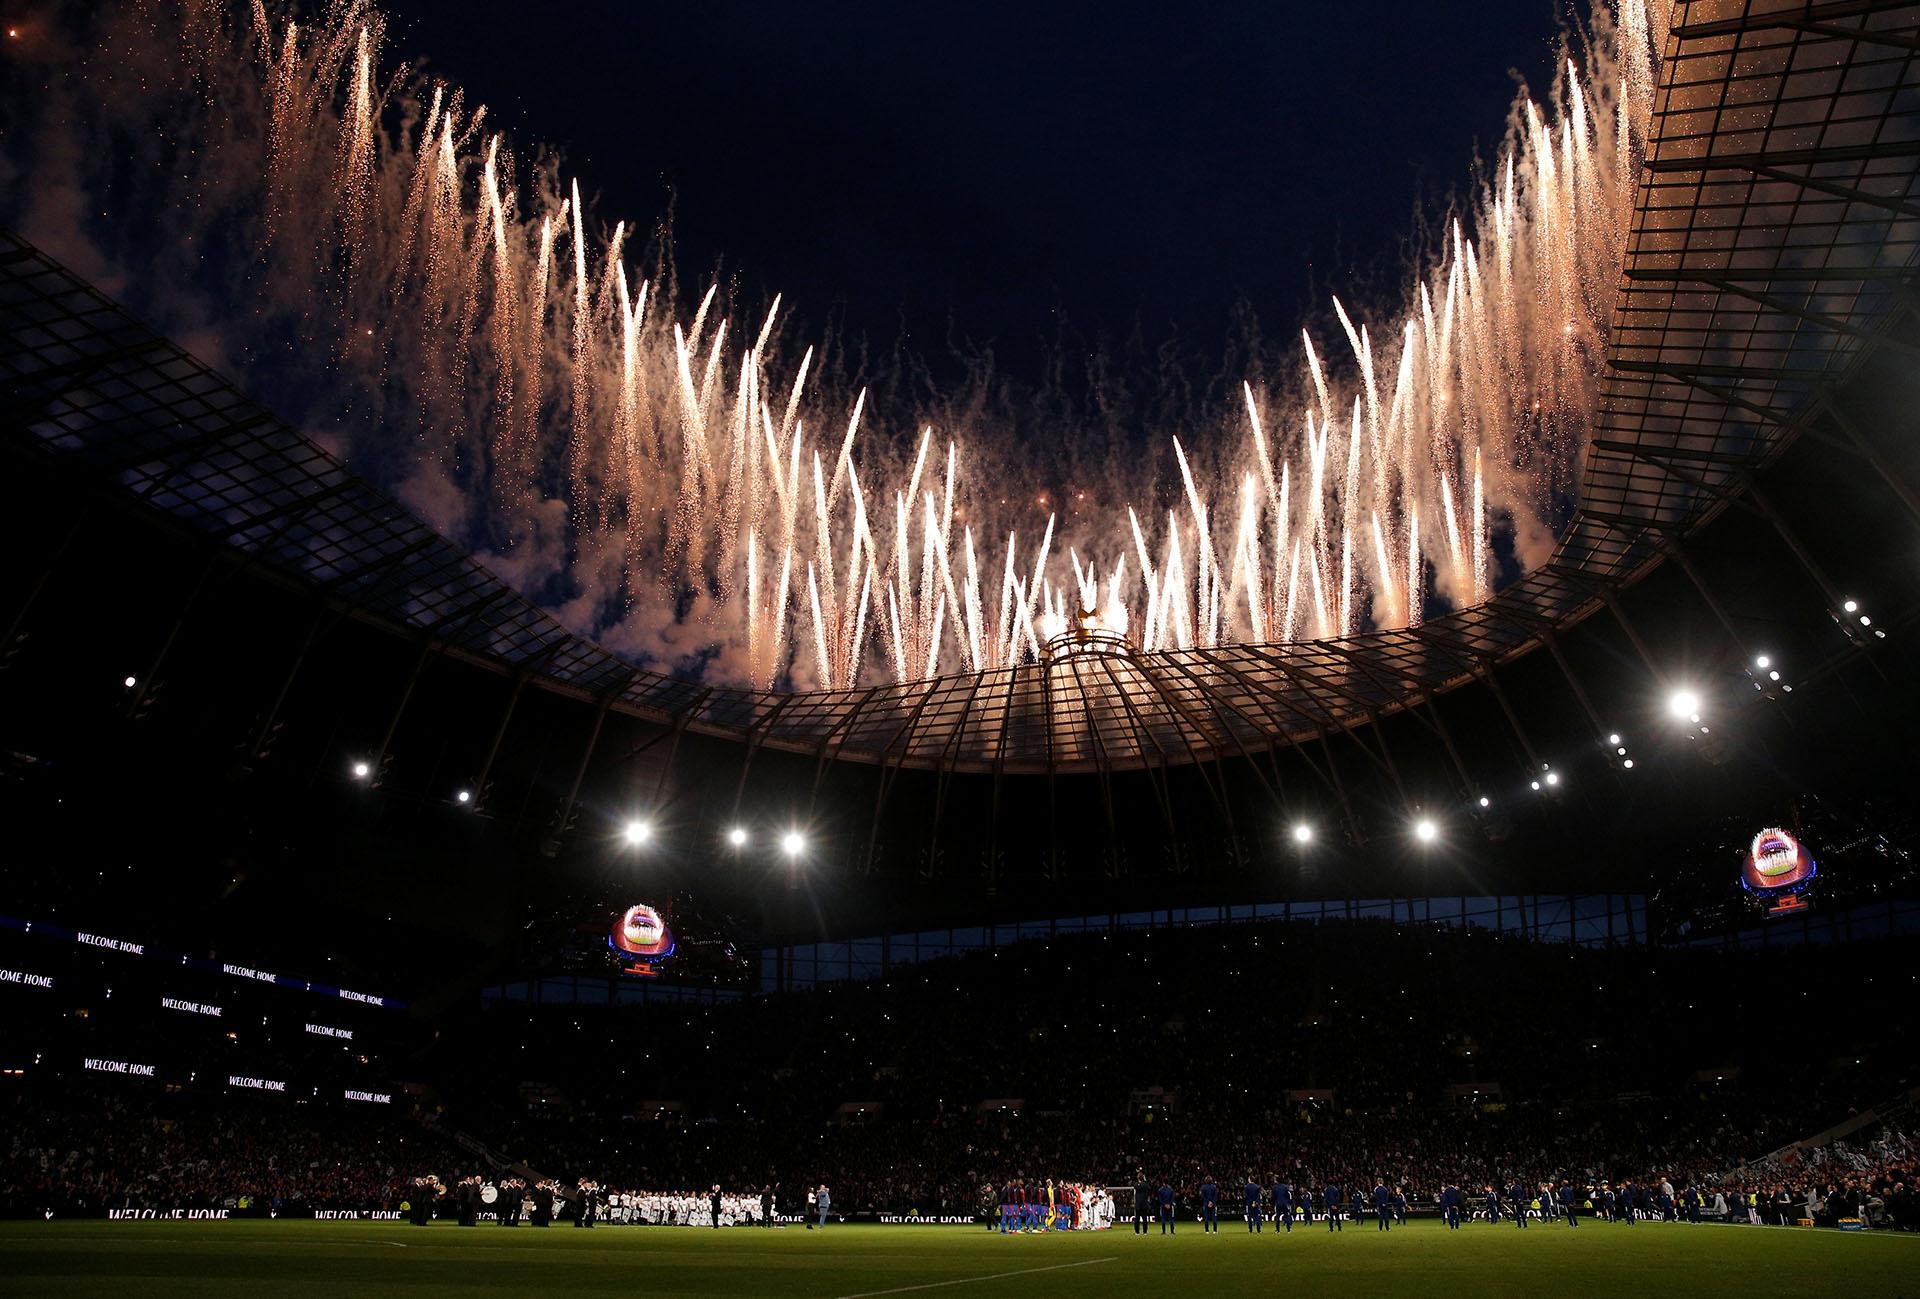 La NFL firmó un convenio con el Tottenham para disputar allí dos partidos al año de la liga estadounidense de fútbol americano